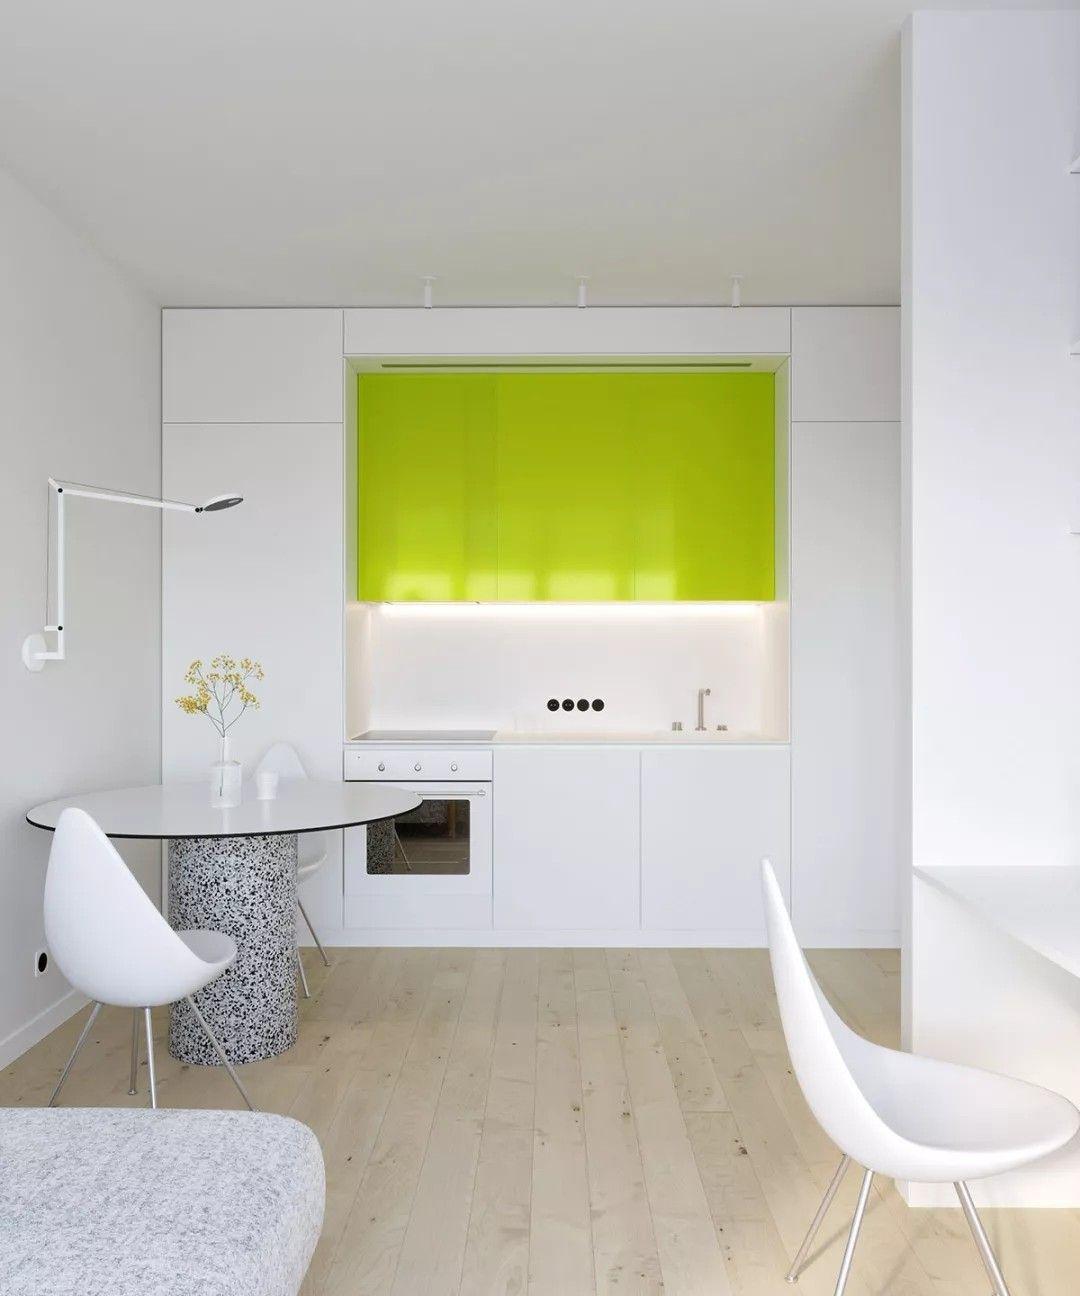 在48平米的小空间里,感受色彩的和谐与冲突 Z River Studio|Z River Studio - 2